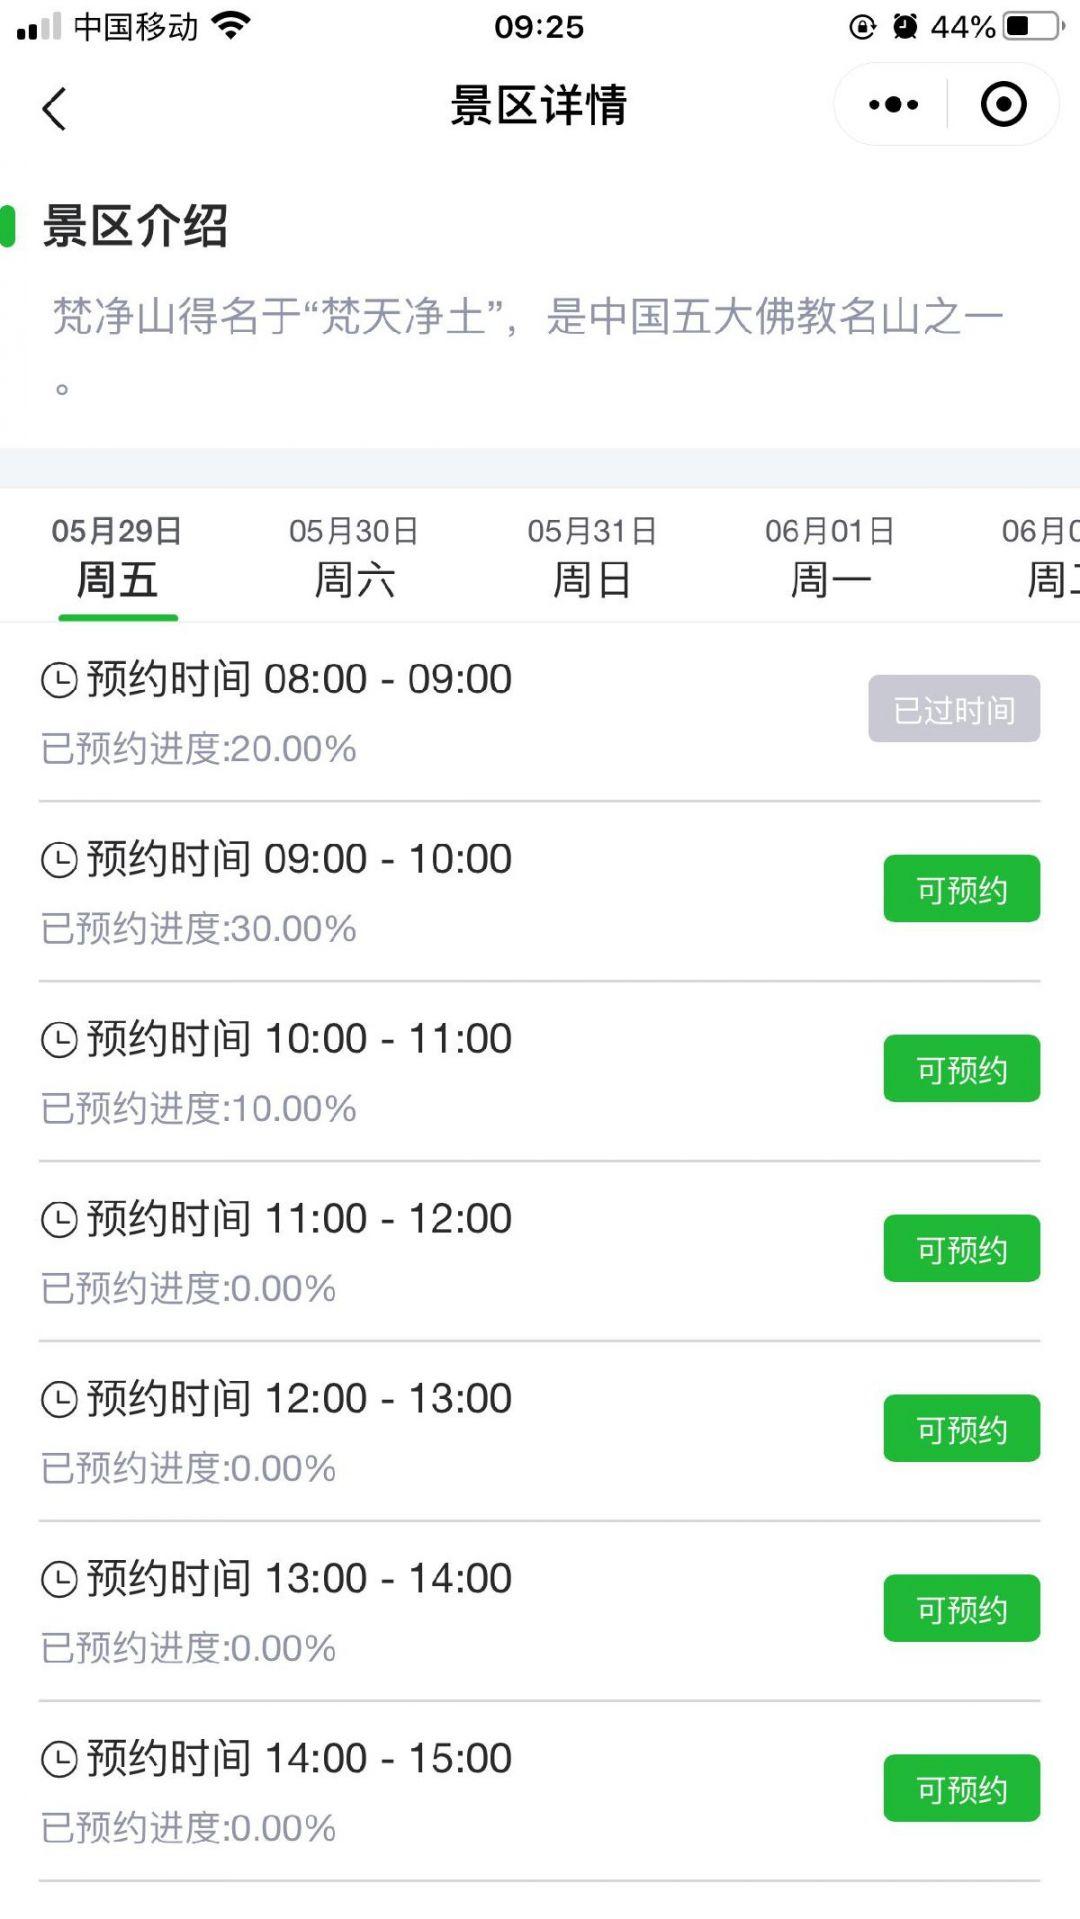 2020贵州省景点预约指南(入口+流程+说明)